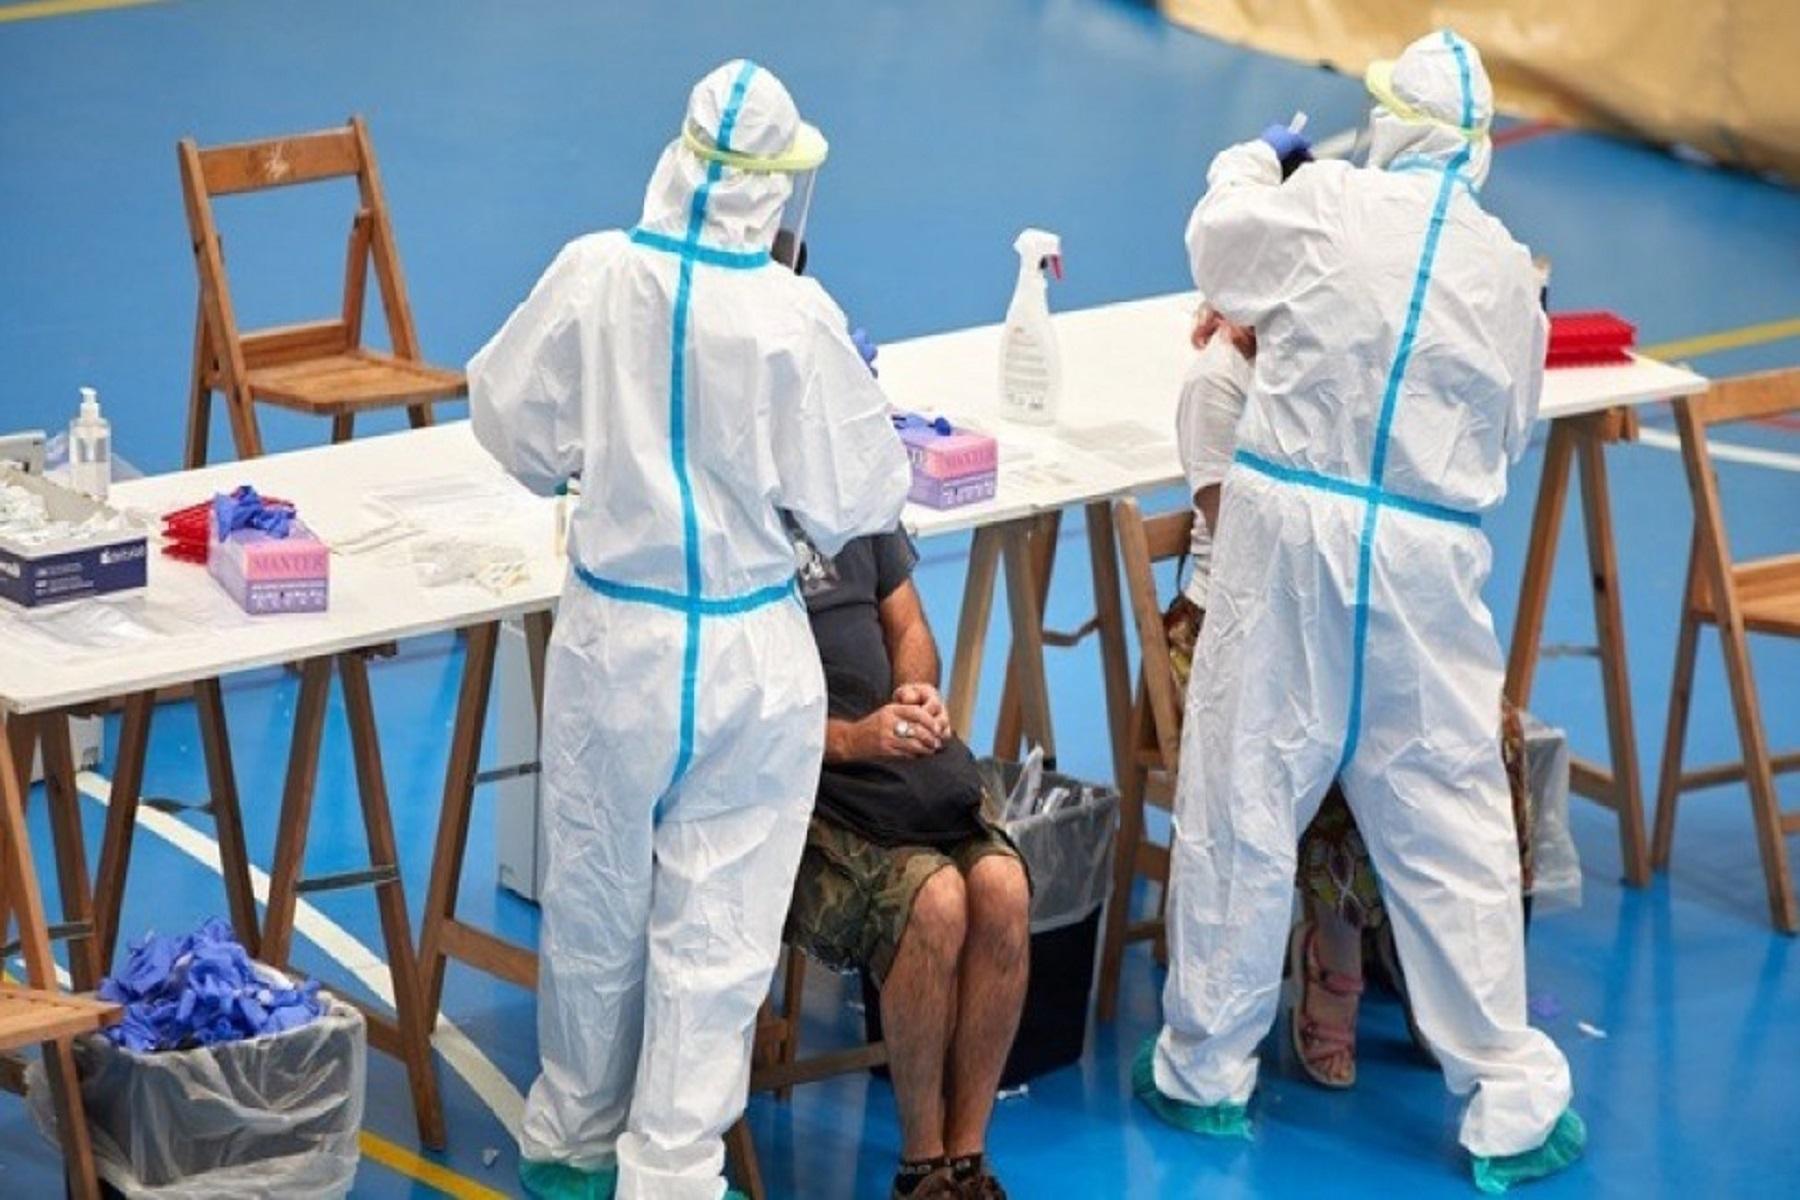 Ισπανία Εμβόλιο: Τήρηση μητρώου με όσους αρνηθούν να εμβολιαστούν